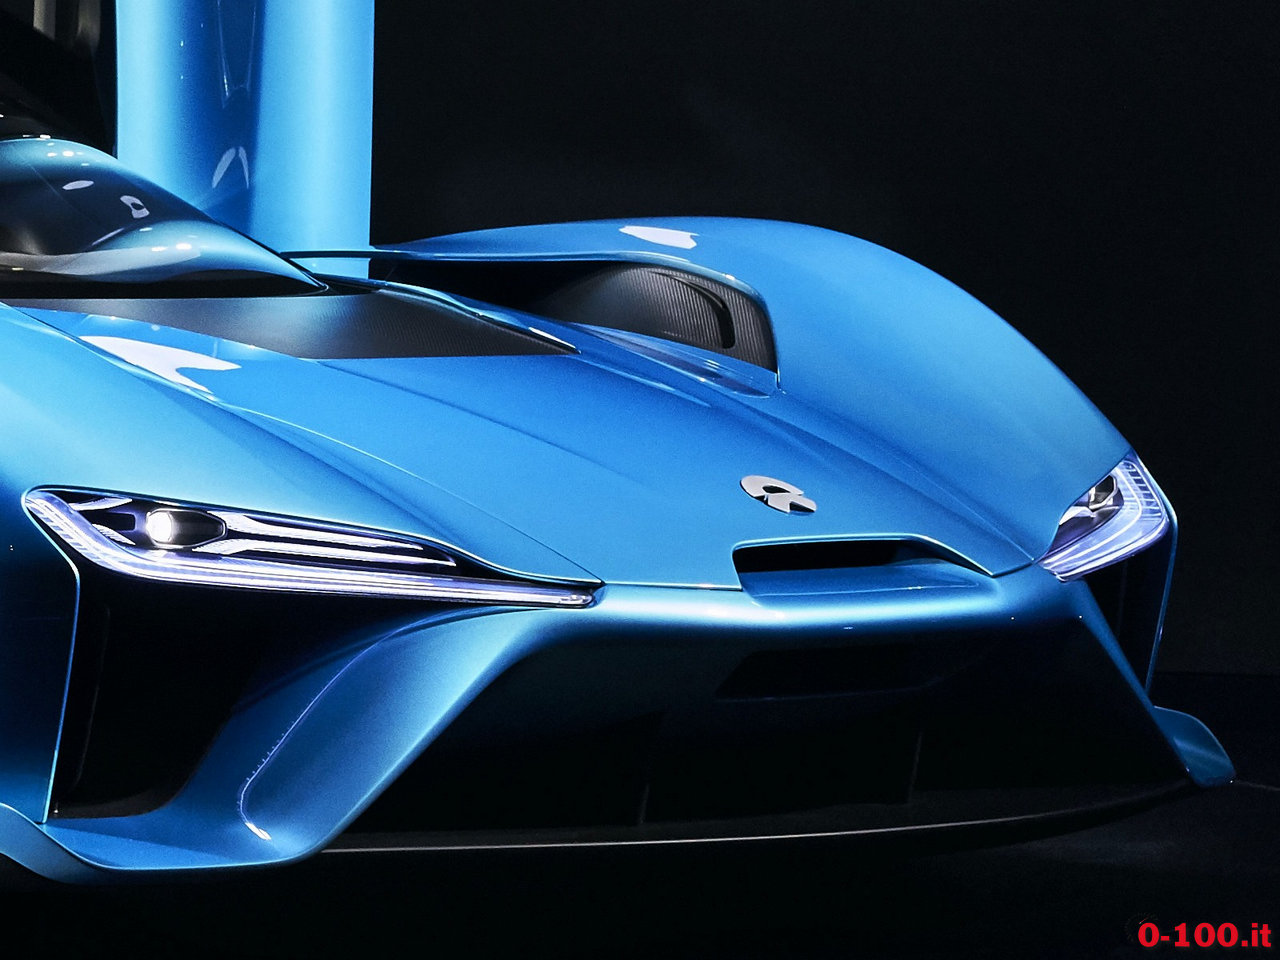 nextev_nio-ep9-china-electric-hypercar-lap-nurburgring_0-100_35